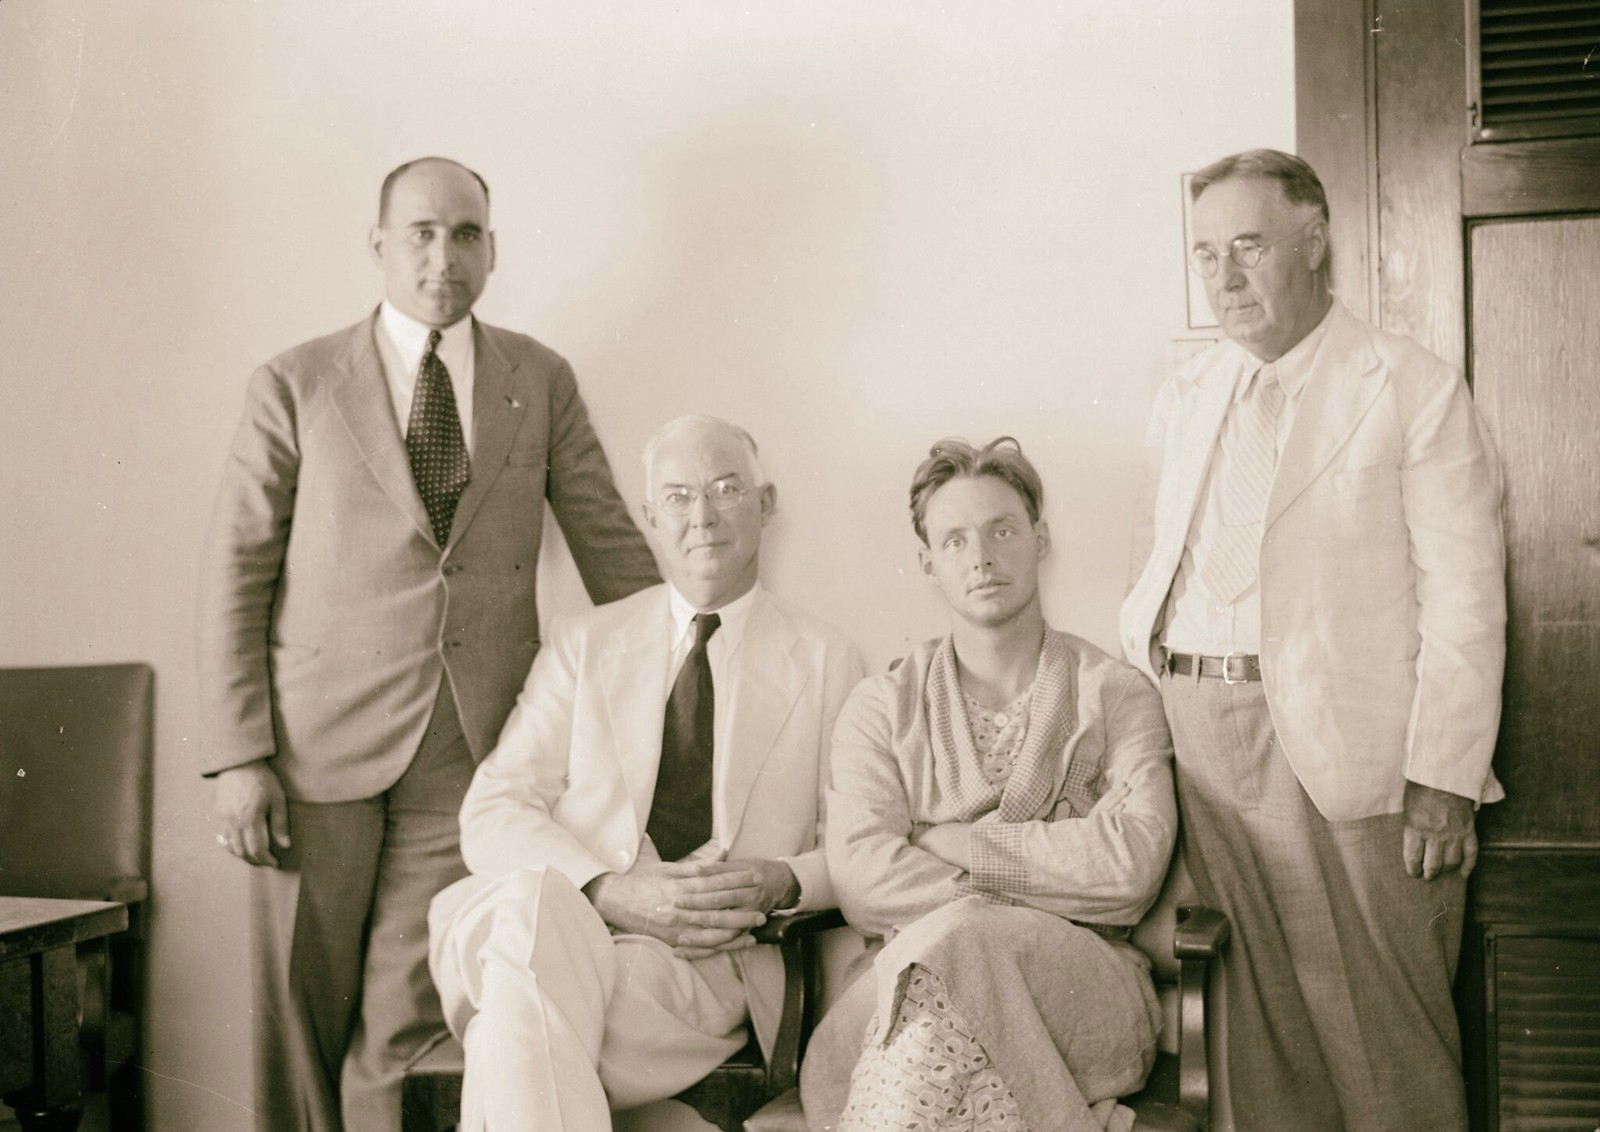 10. Доктор Джейкоб Голднер и его сын, преподобный Героулд Голднер из Огайо, были похищены на Мар-Саба-роуд, 19 июля